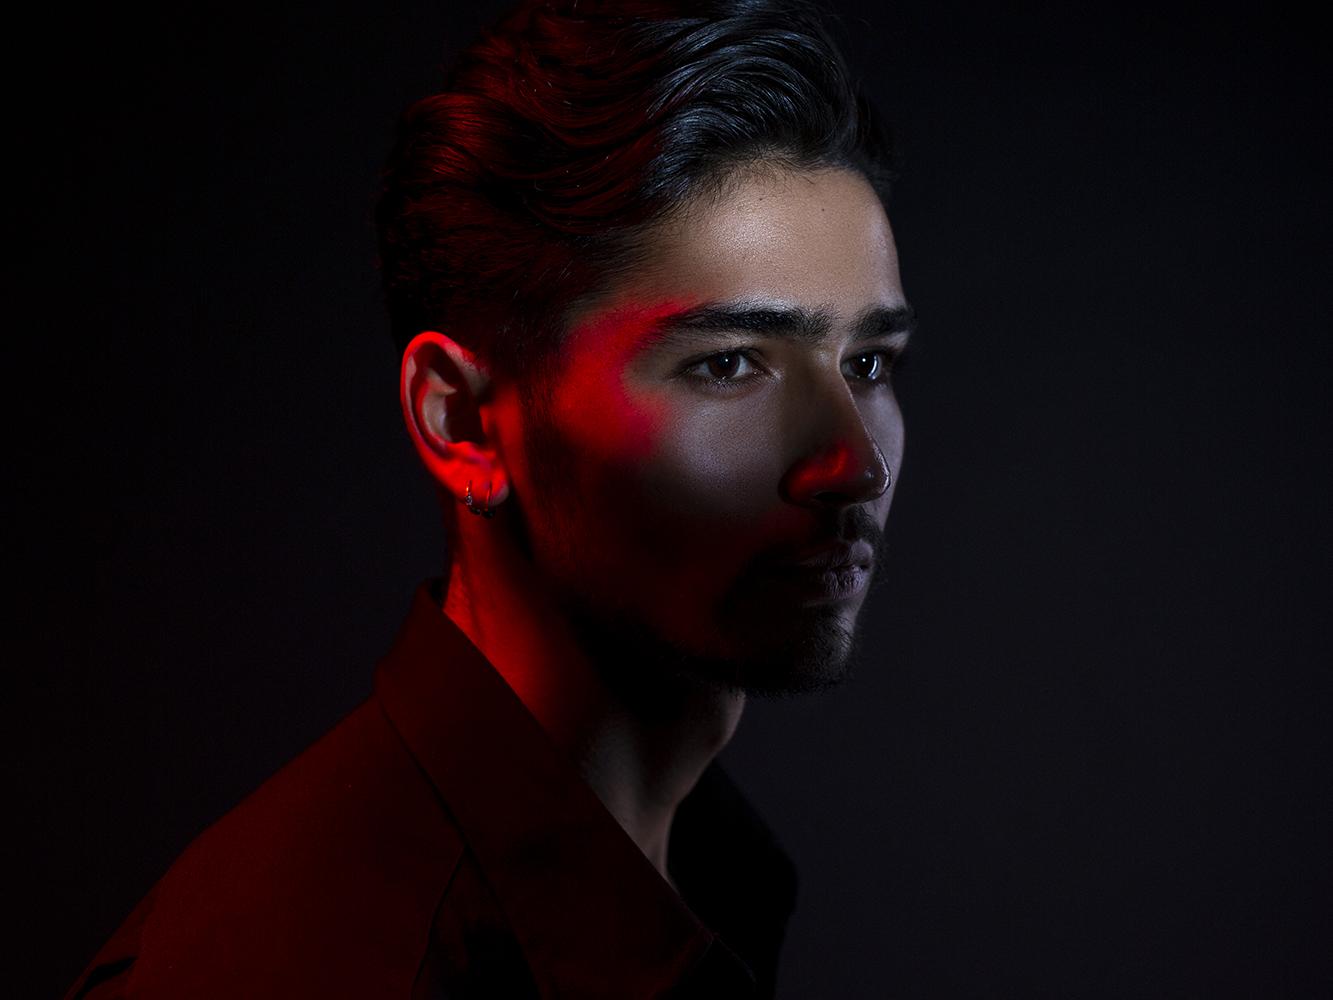 Workshop de retrato en estudio con luz led - Workshop de retrato en estudio con luz led   Madrid